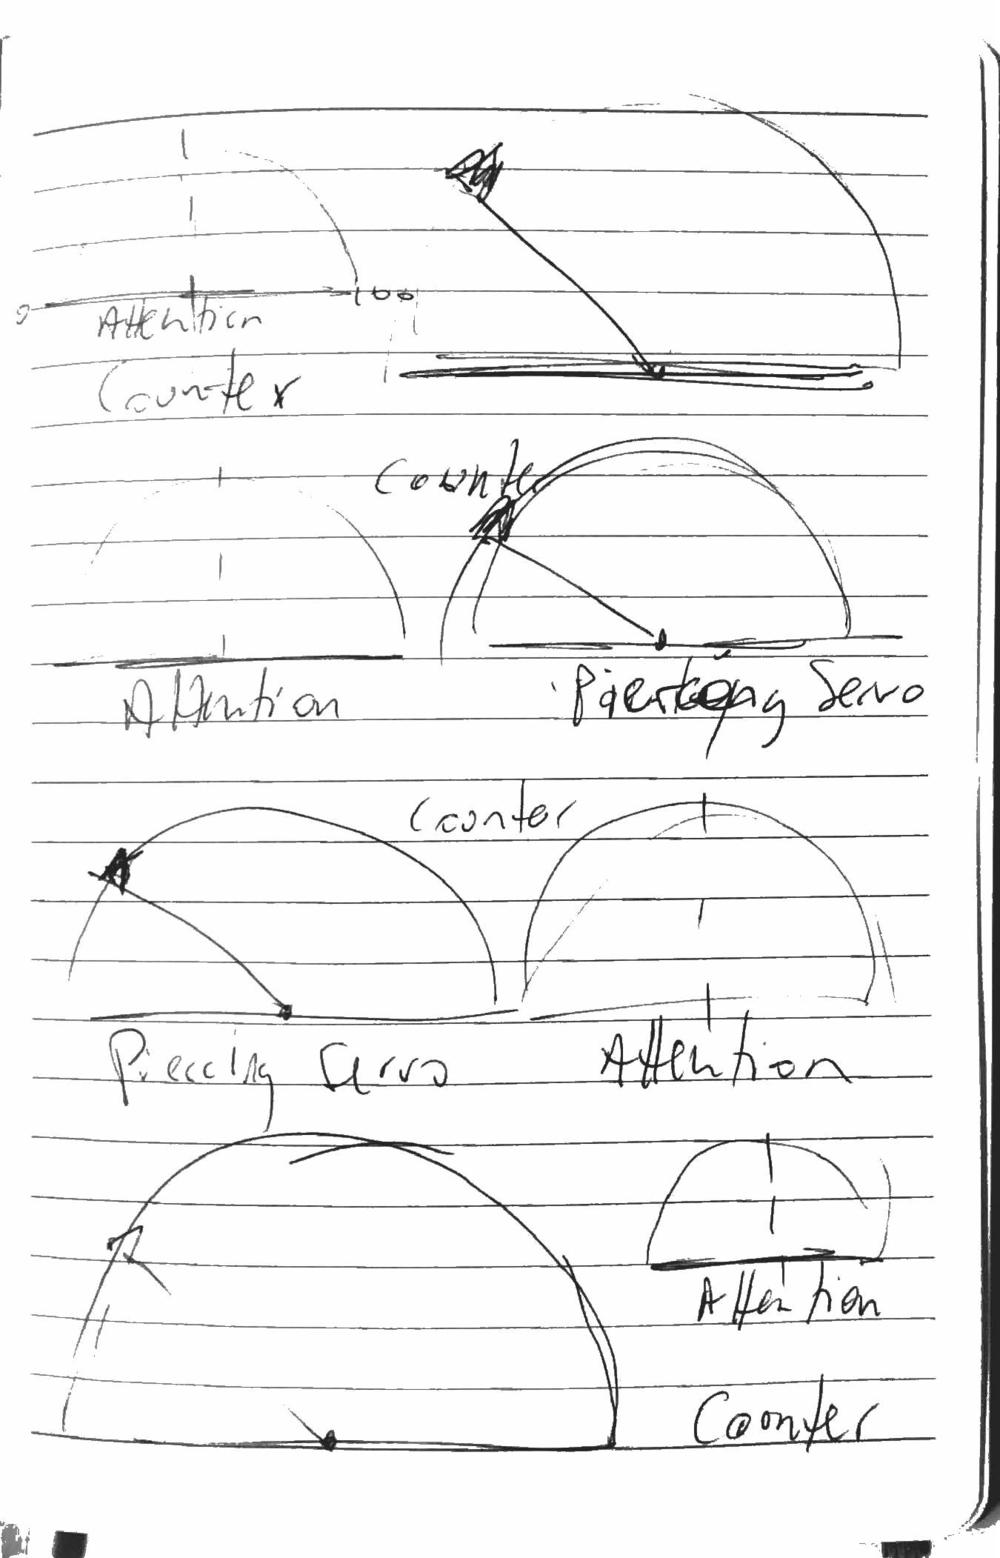 UI sketching